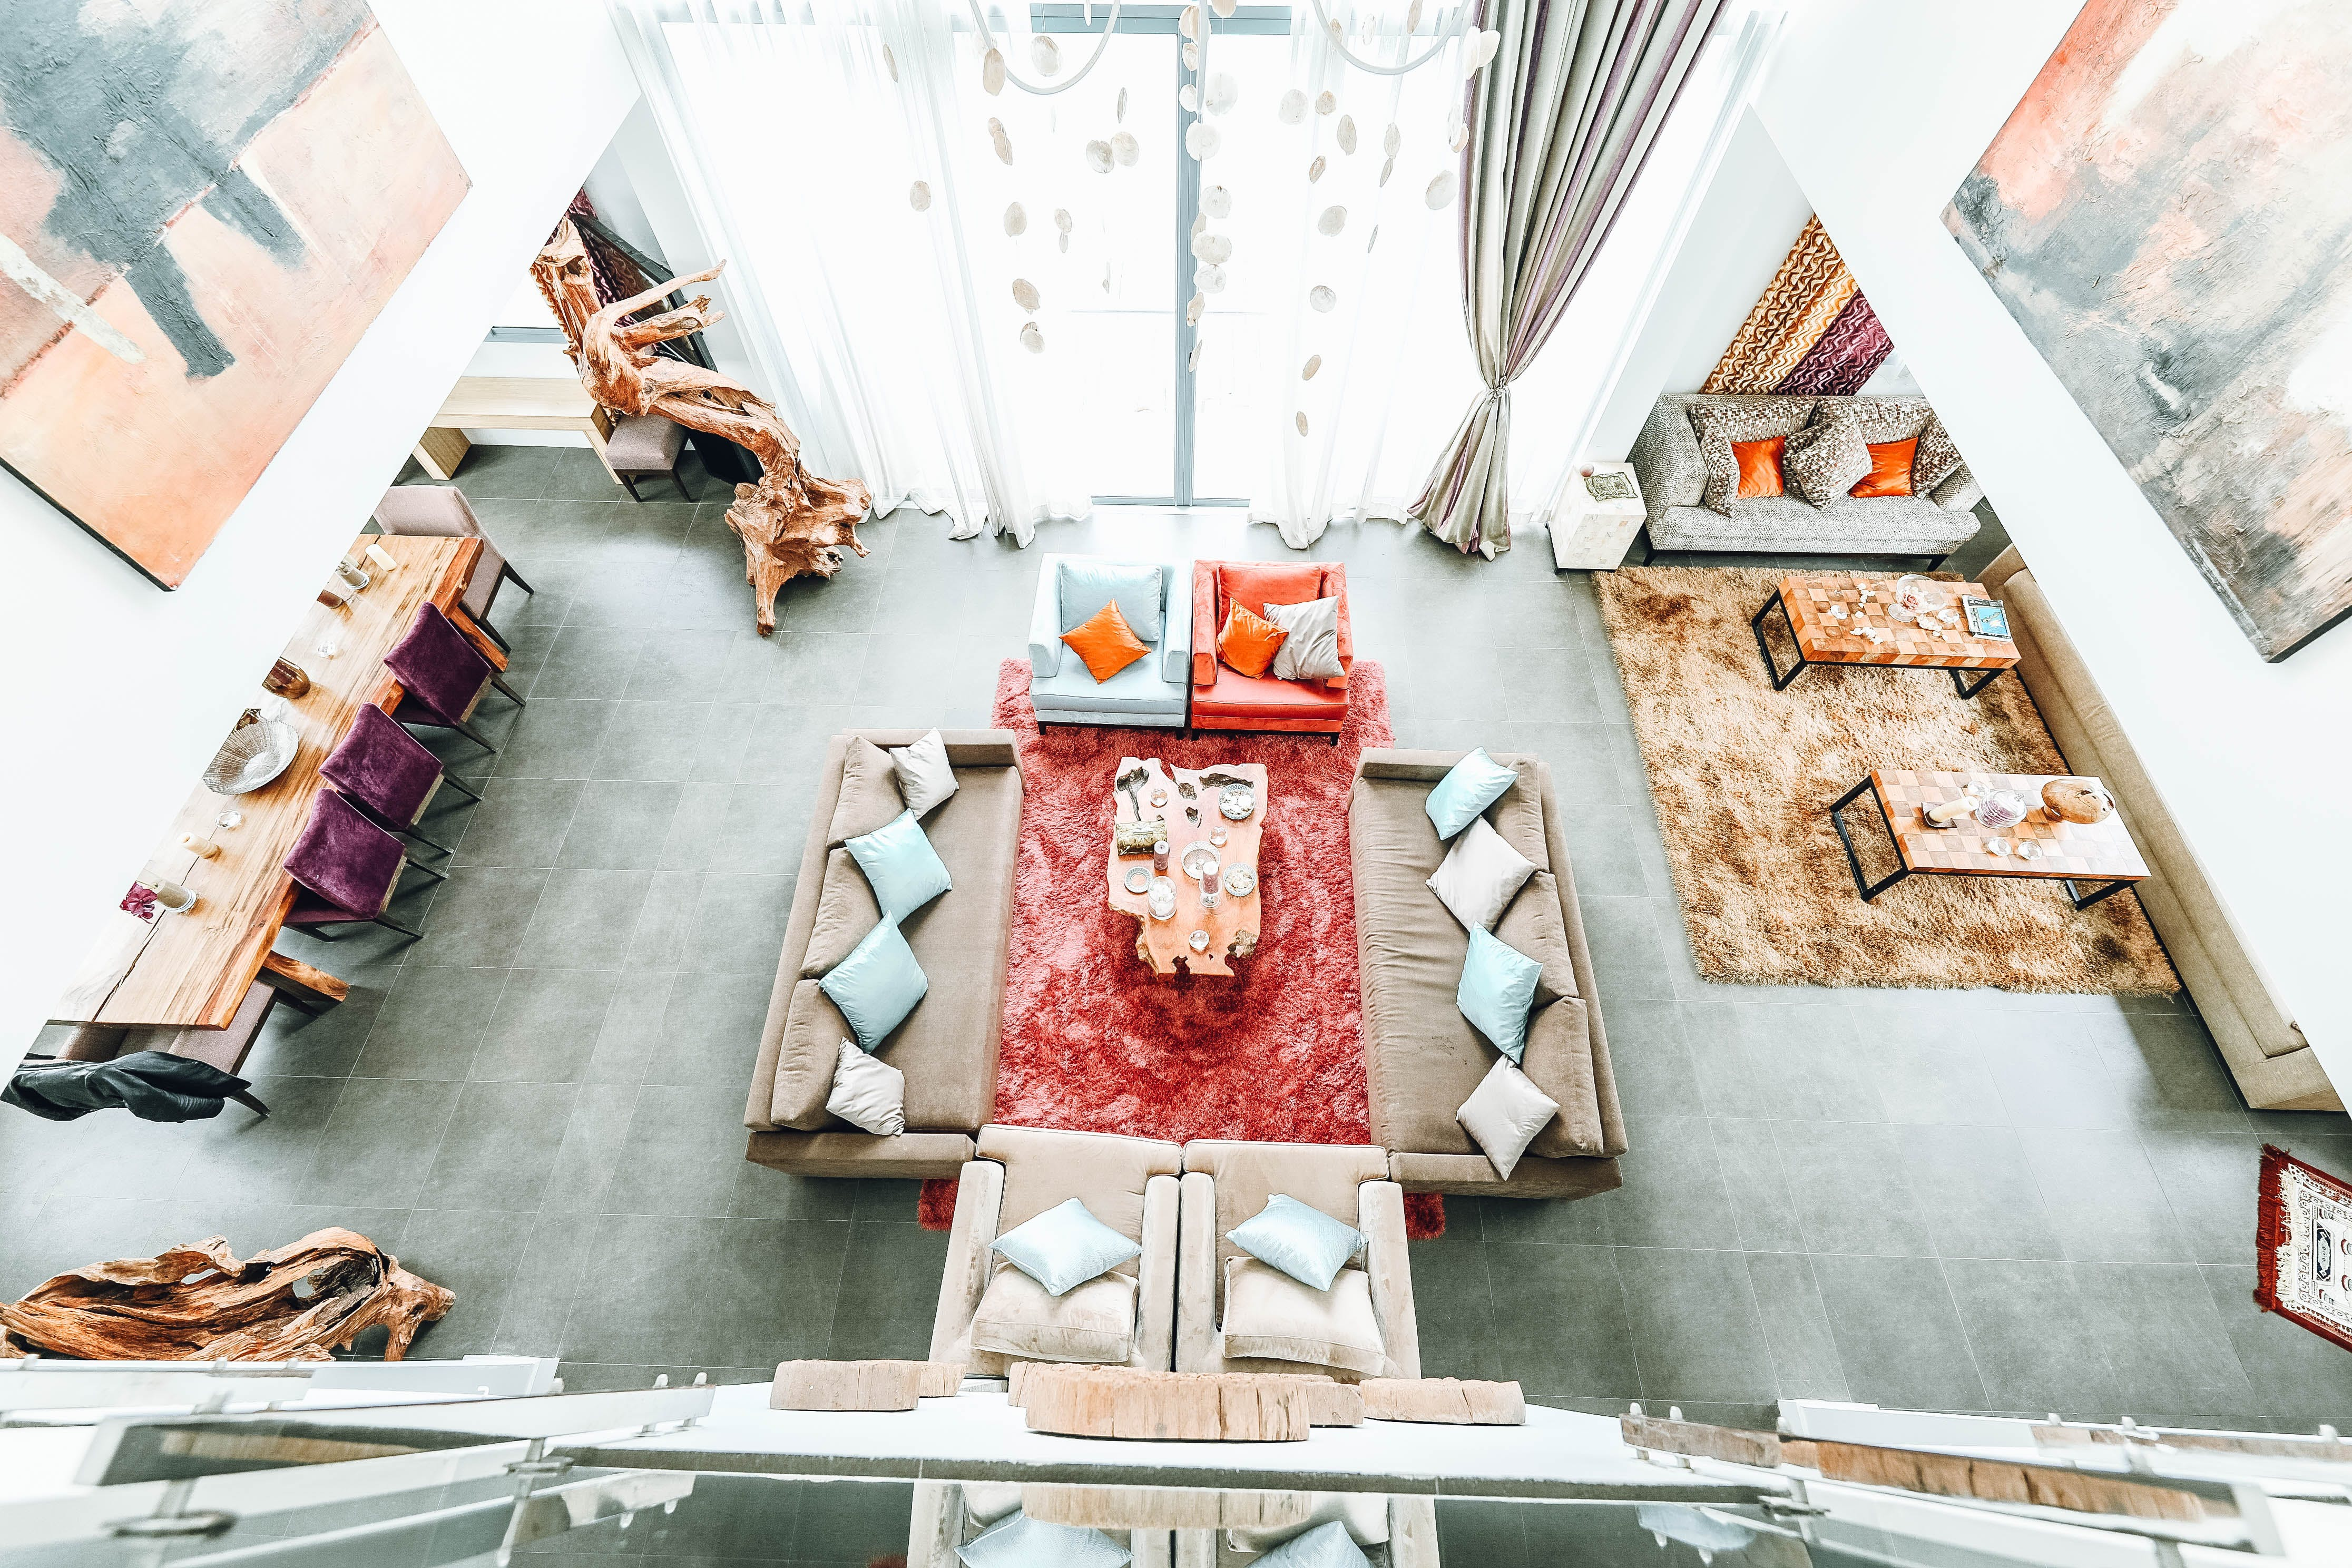 zu design, drinnen, familie, home interior